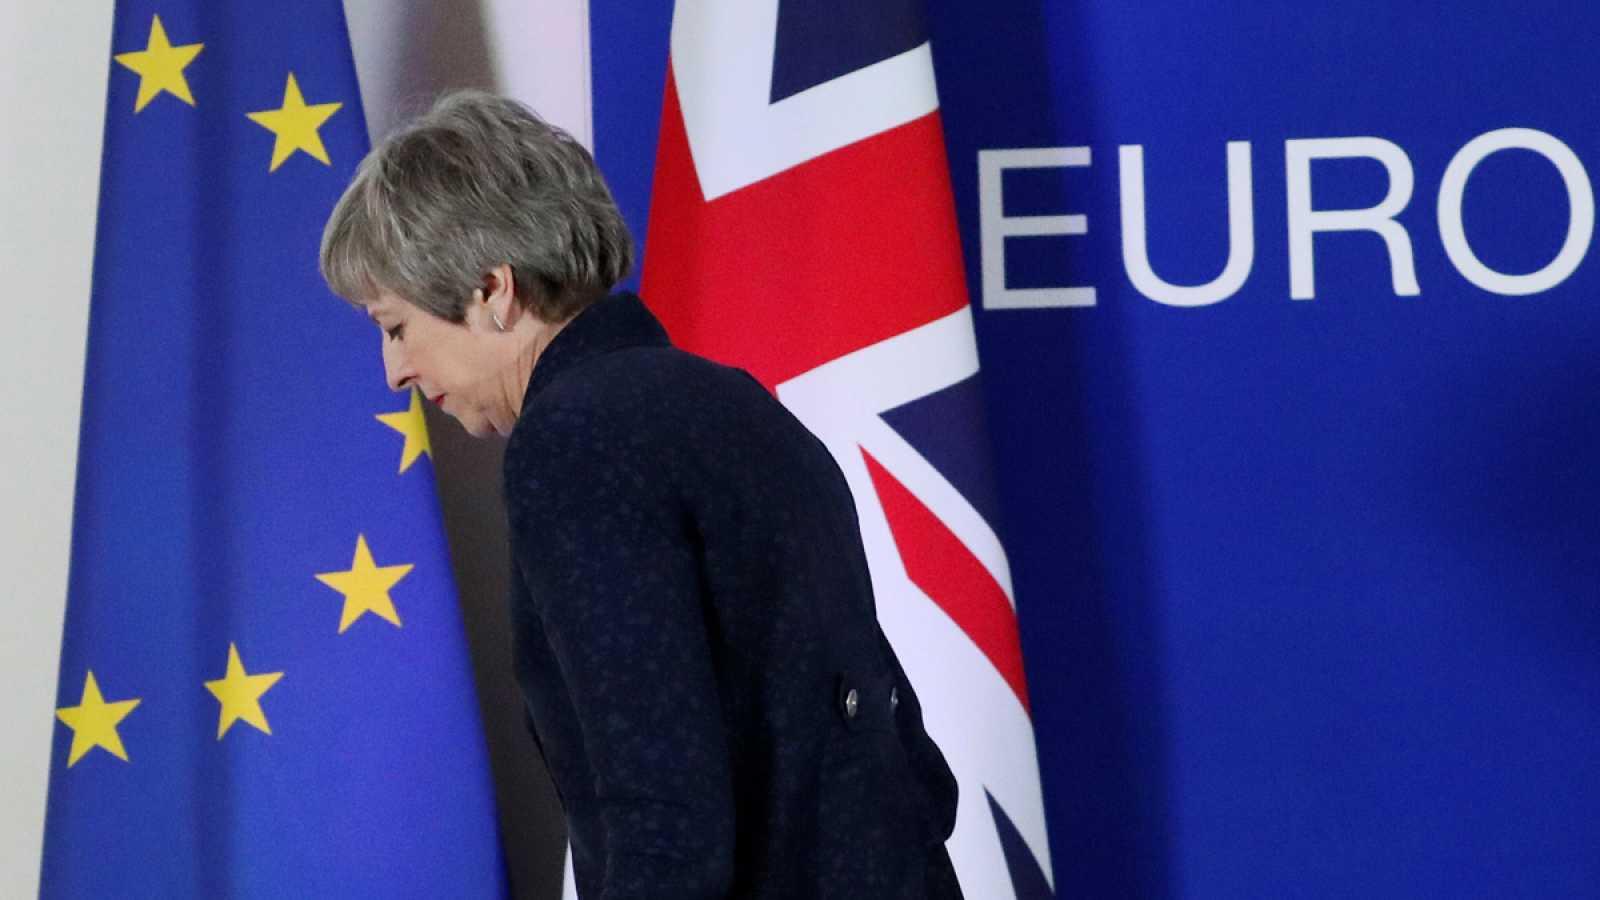 Bruselas concede una prórroga corta al 'Brexit': hasta mayo si hay acuerdo o una decisión final en abril